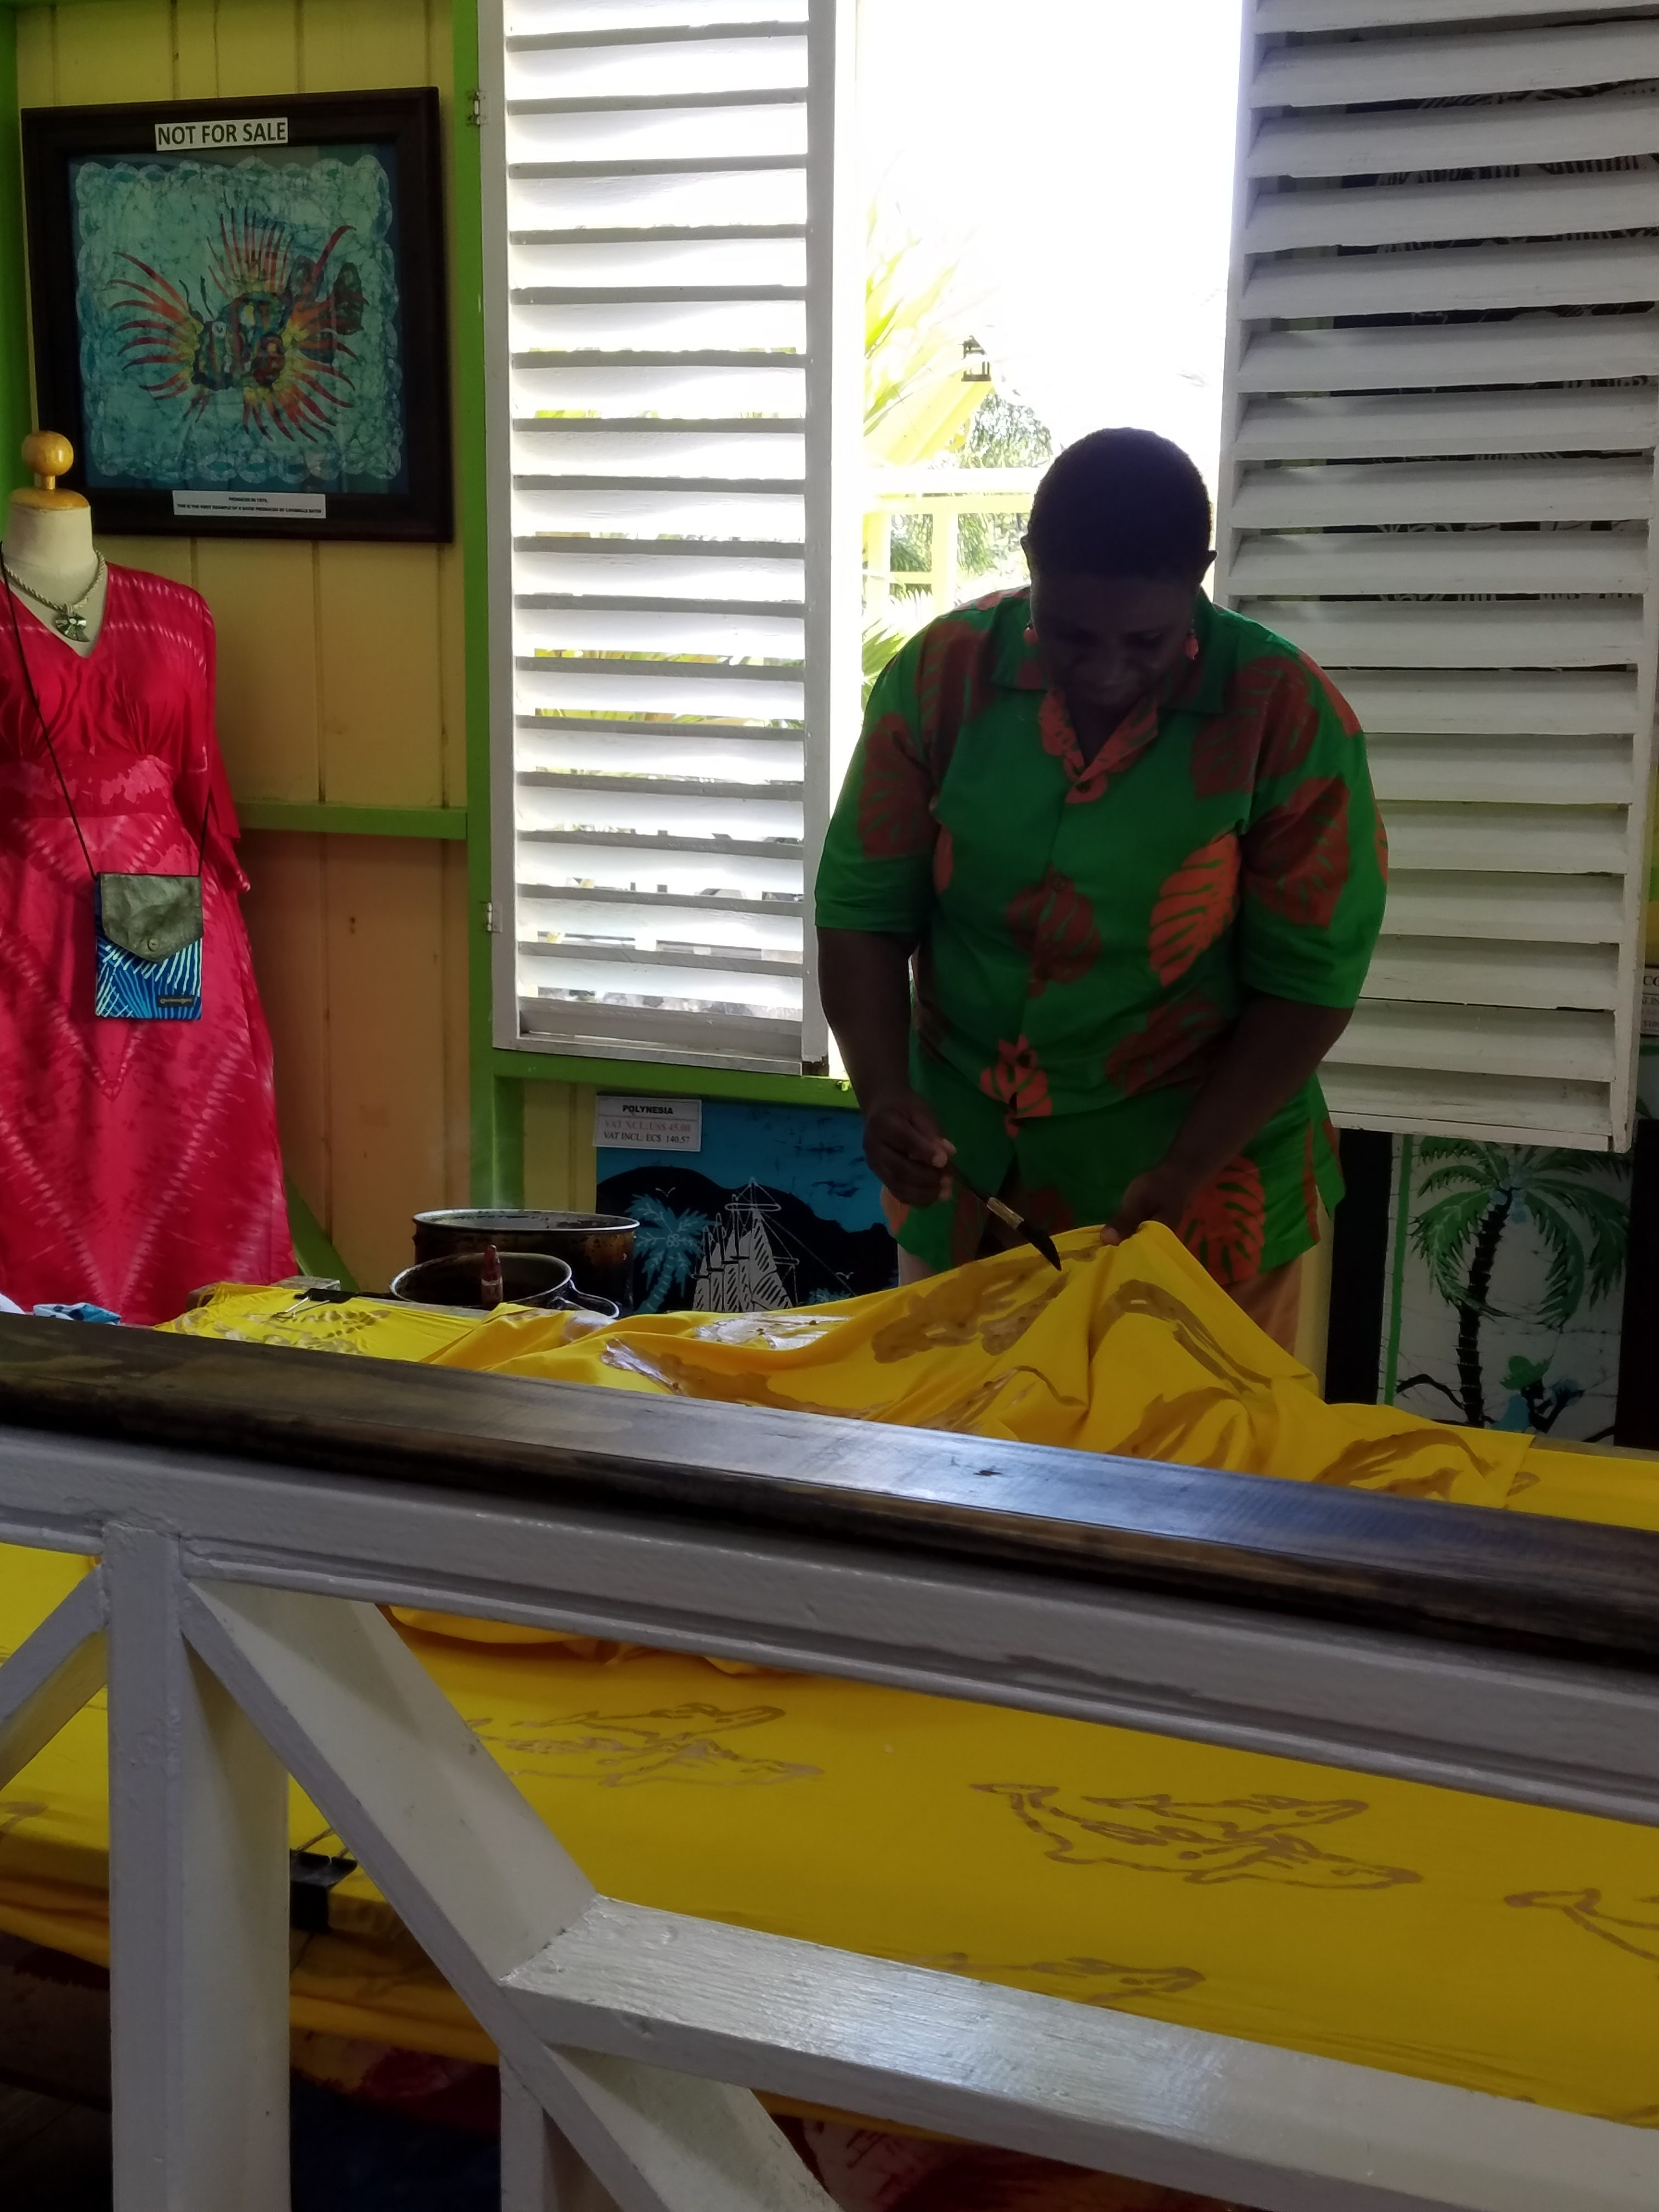 Batik Shop in St. Kitts